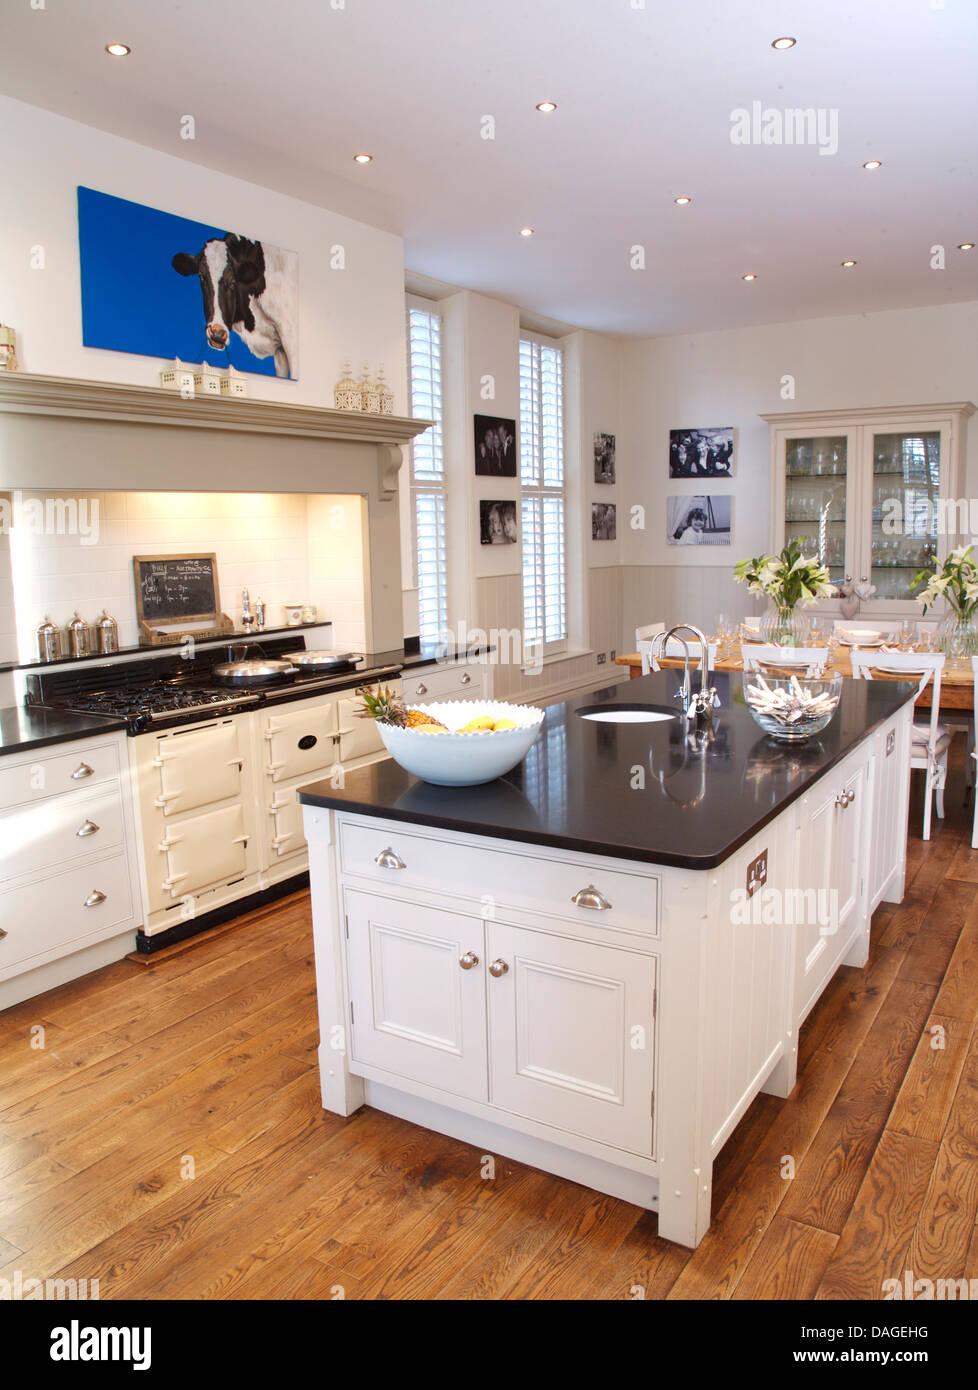 Unidade De Ilha No Pa S Branco Moderno Cozinha Com Forno Aga Branco